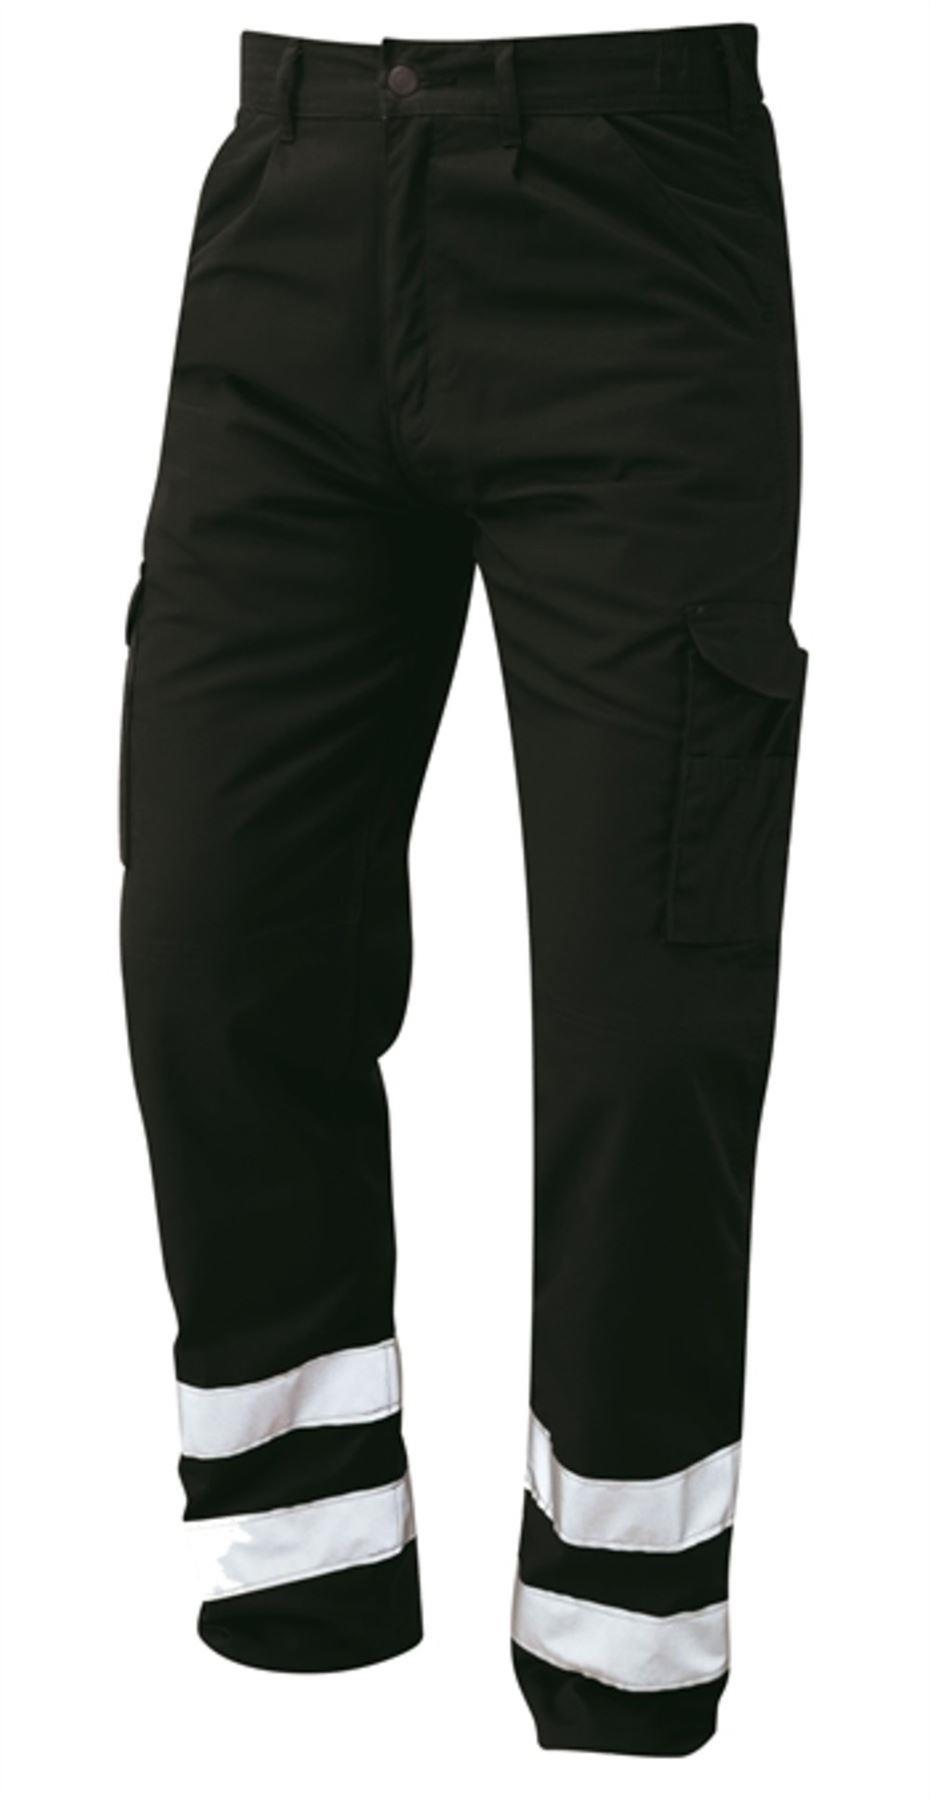 Orn Condor Hi Vis Kneepad Trousers - Black|58W29L